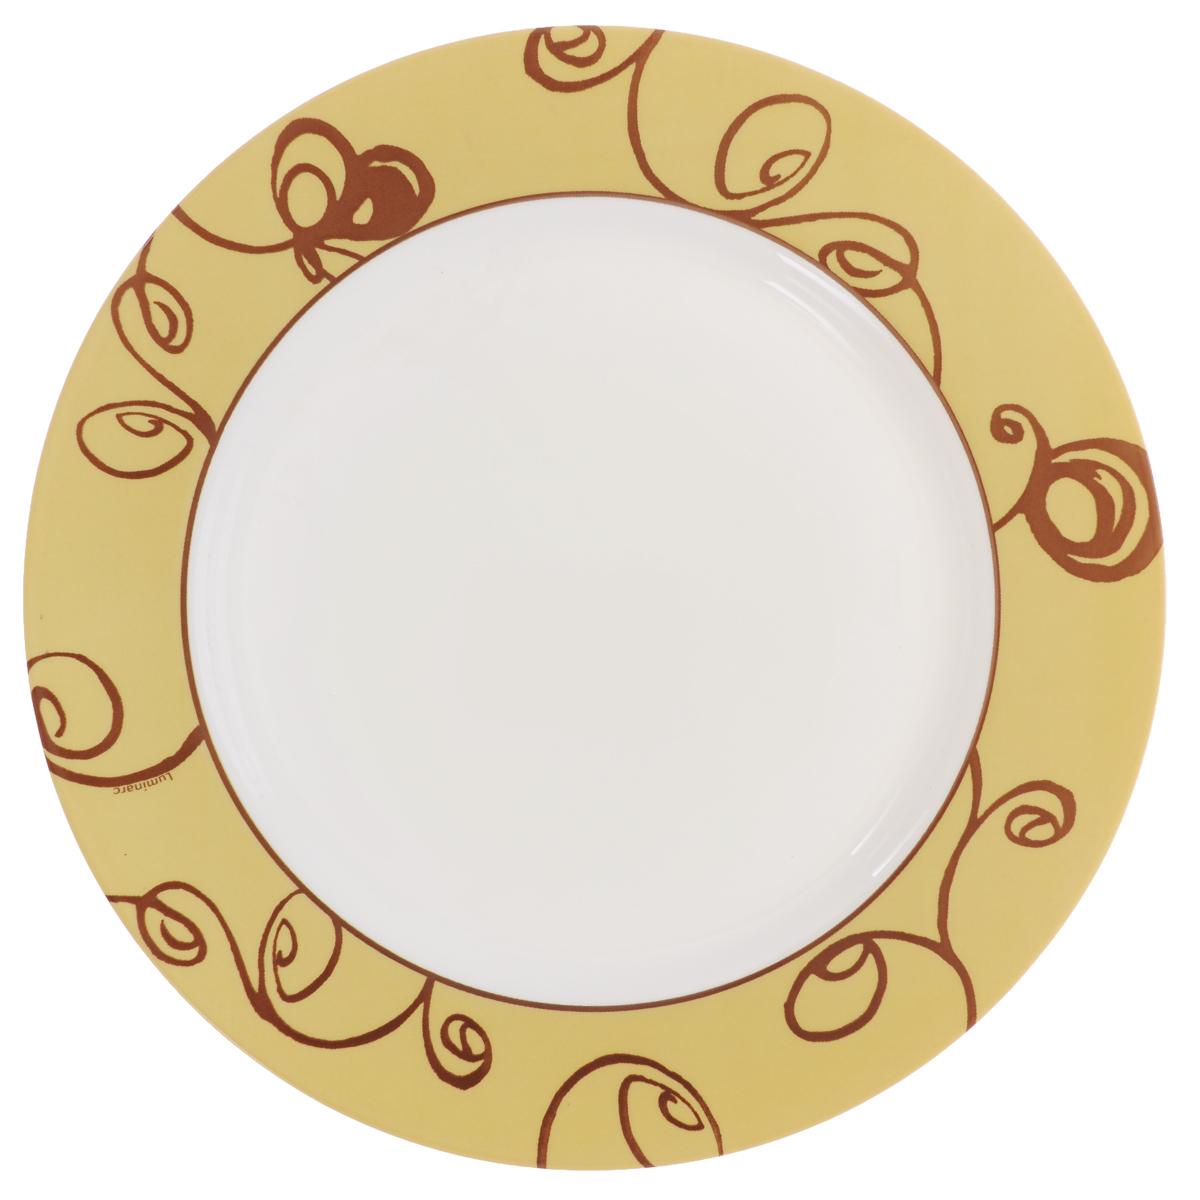 Тарелка обеденная Luminarc Brittany Moka, диаметр 26,5 смJ2538Обеденная тарелка Luminarc Brittany Moka, изготовленная из высококачественного стекла, имеет изысканный внешний вид. Яркий дизайн придется по вкусу и ценителям классики, и тем, кто предпочитает утонченность. Тарелка Luminarc Brittany Moka идеально подойдет для сервировки стола и станет отличным подарком к любому празднику. Диаметр (по верхнему краю): 26,5 см.